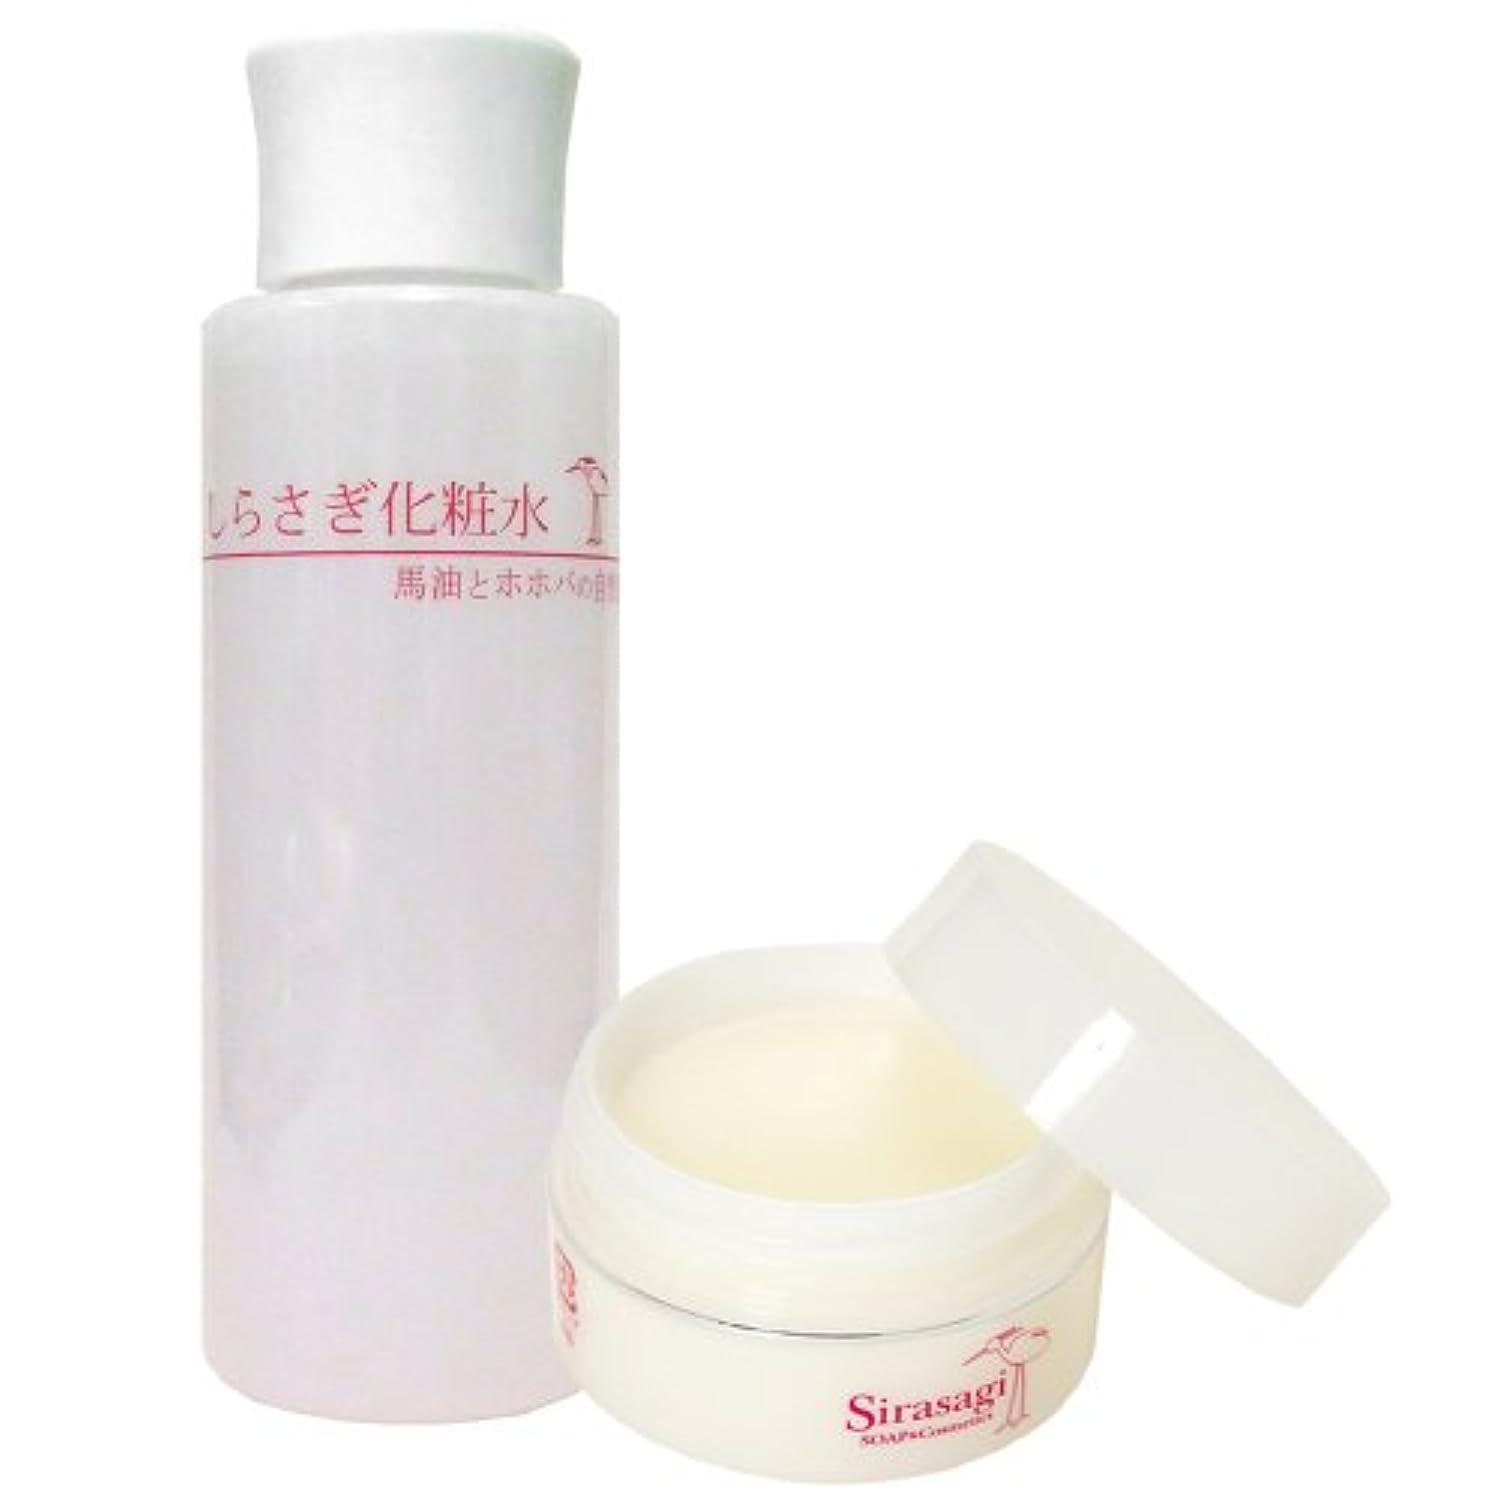 顔料火山のいつしらさぎクリーム(ラベンダーとローズウッドの香り)としらさぎ化粧水のセット